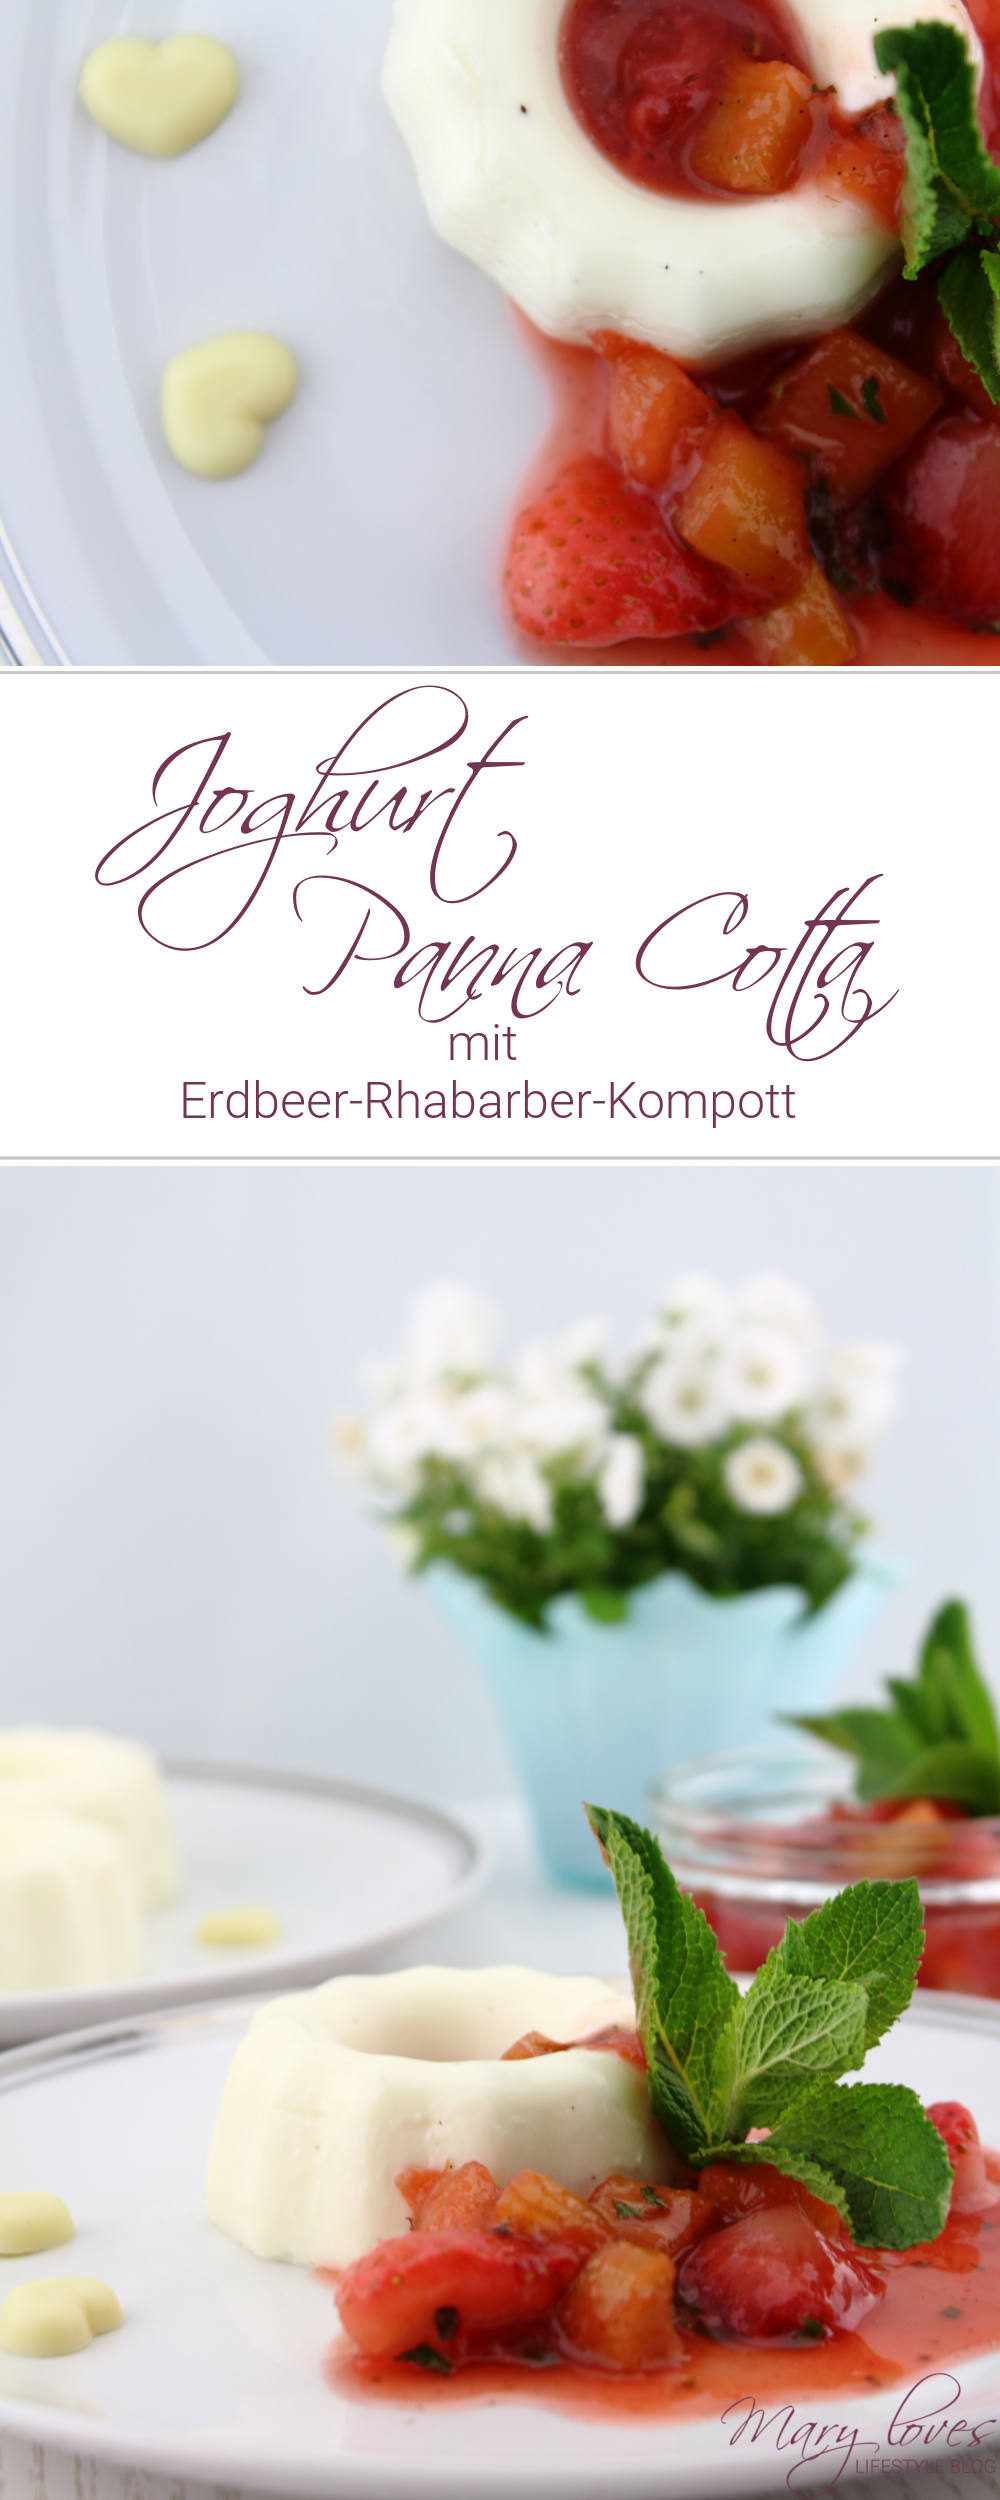 [Anzeige] Joghurt Panna Cotta mit Erdbeer-Rhabarer-Kompott - #joghurtpannacotta #pannacotta #erdbeeren #rhabarber #erdbeerrhabarber #kompott